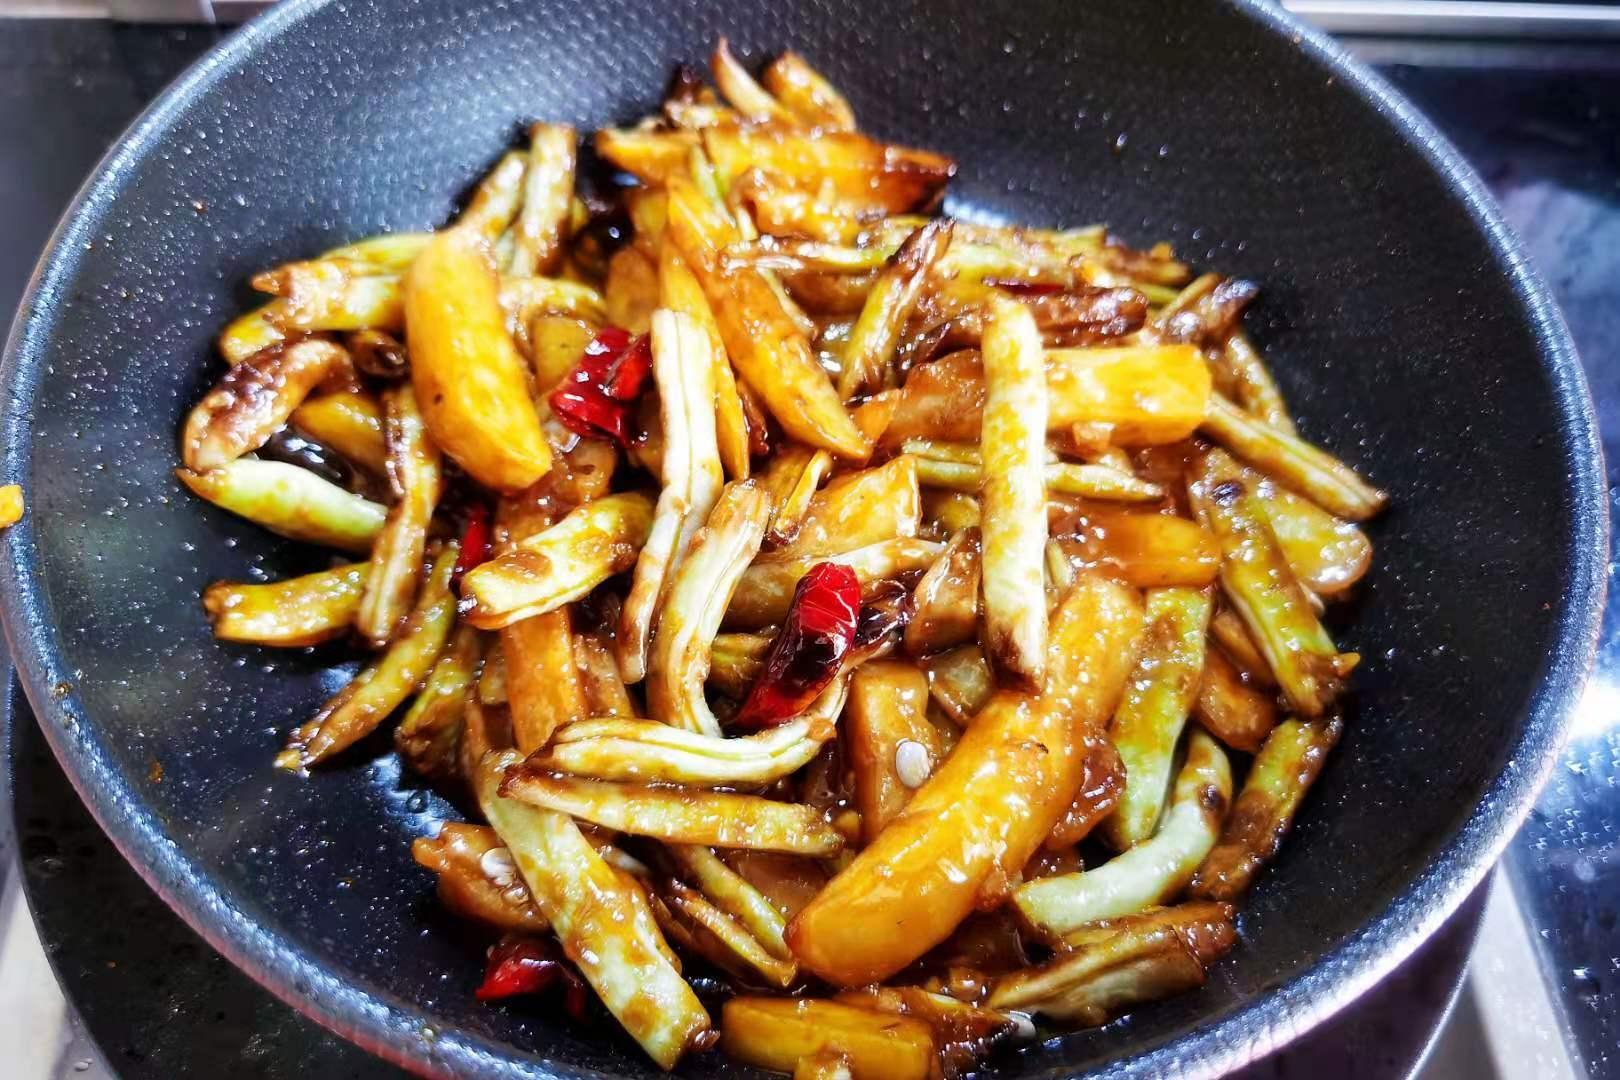 """夏季多吃这道菜,两样食材简单炒一炒,不愧是""""米饭杀手"""",真香"""